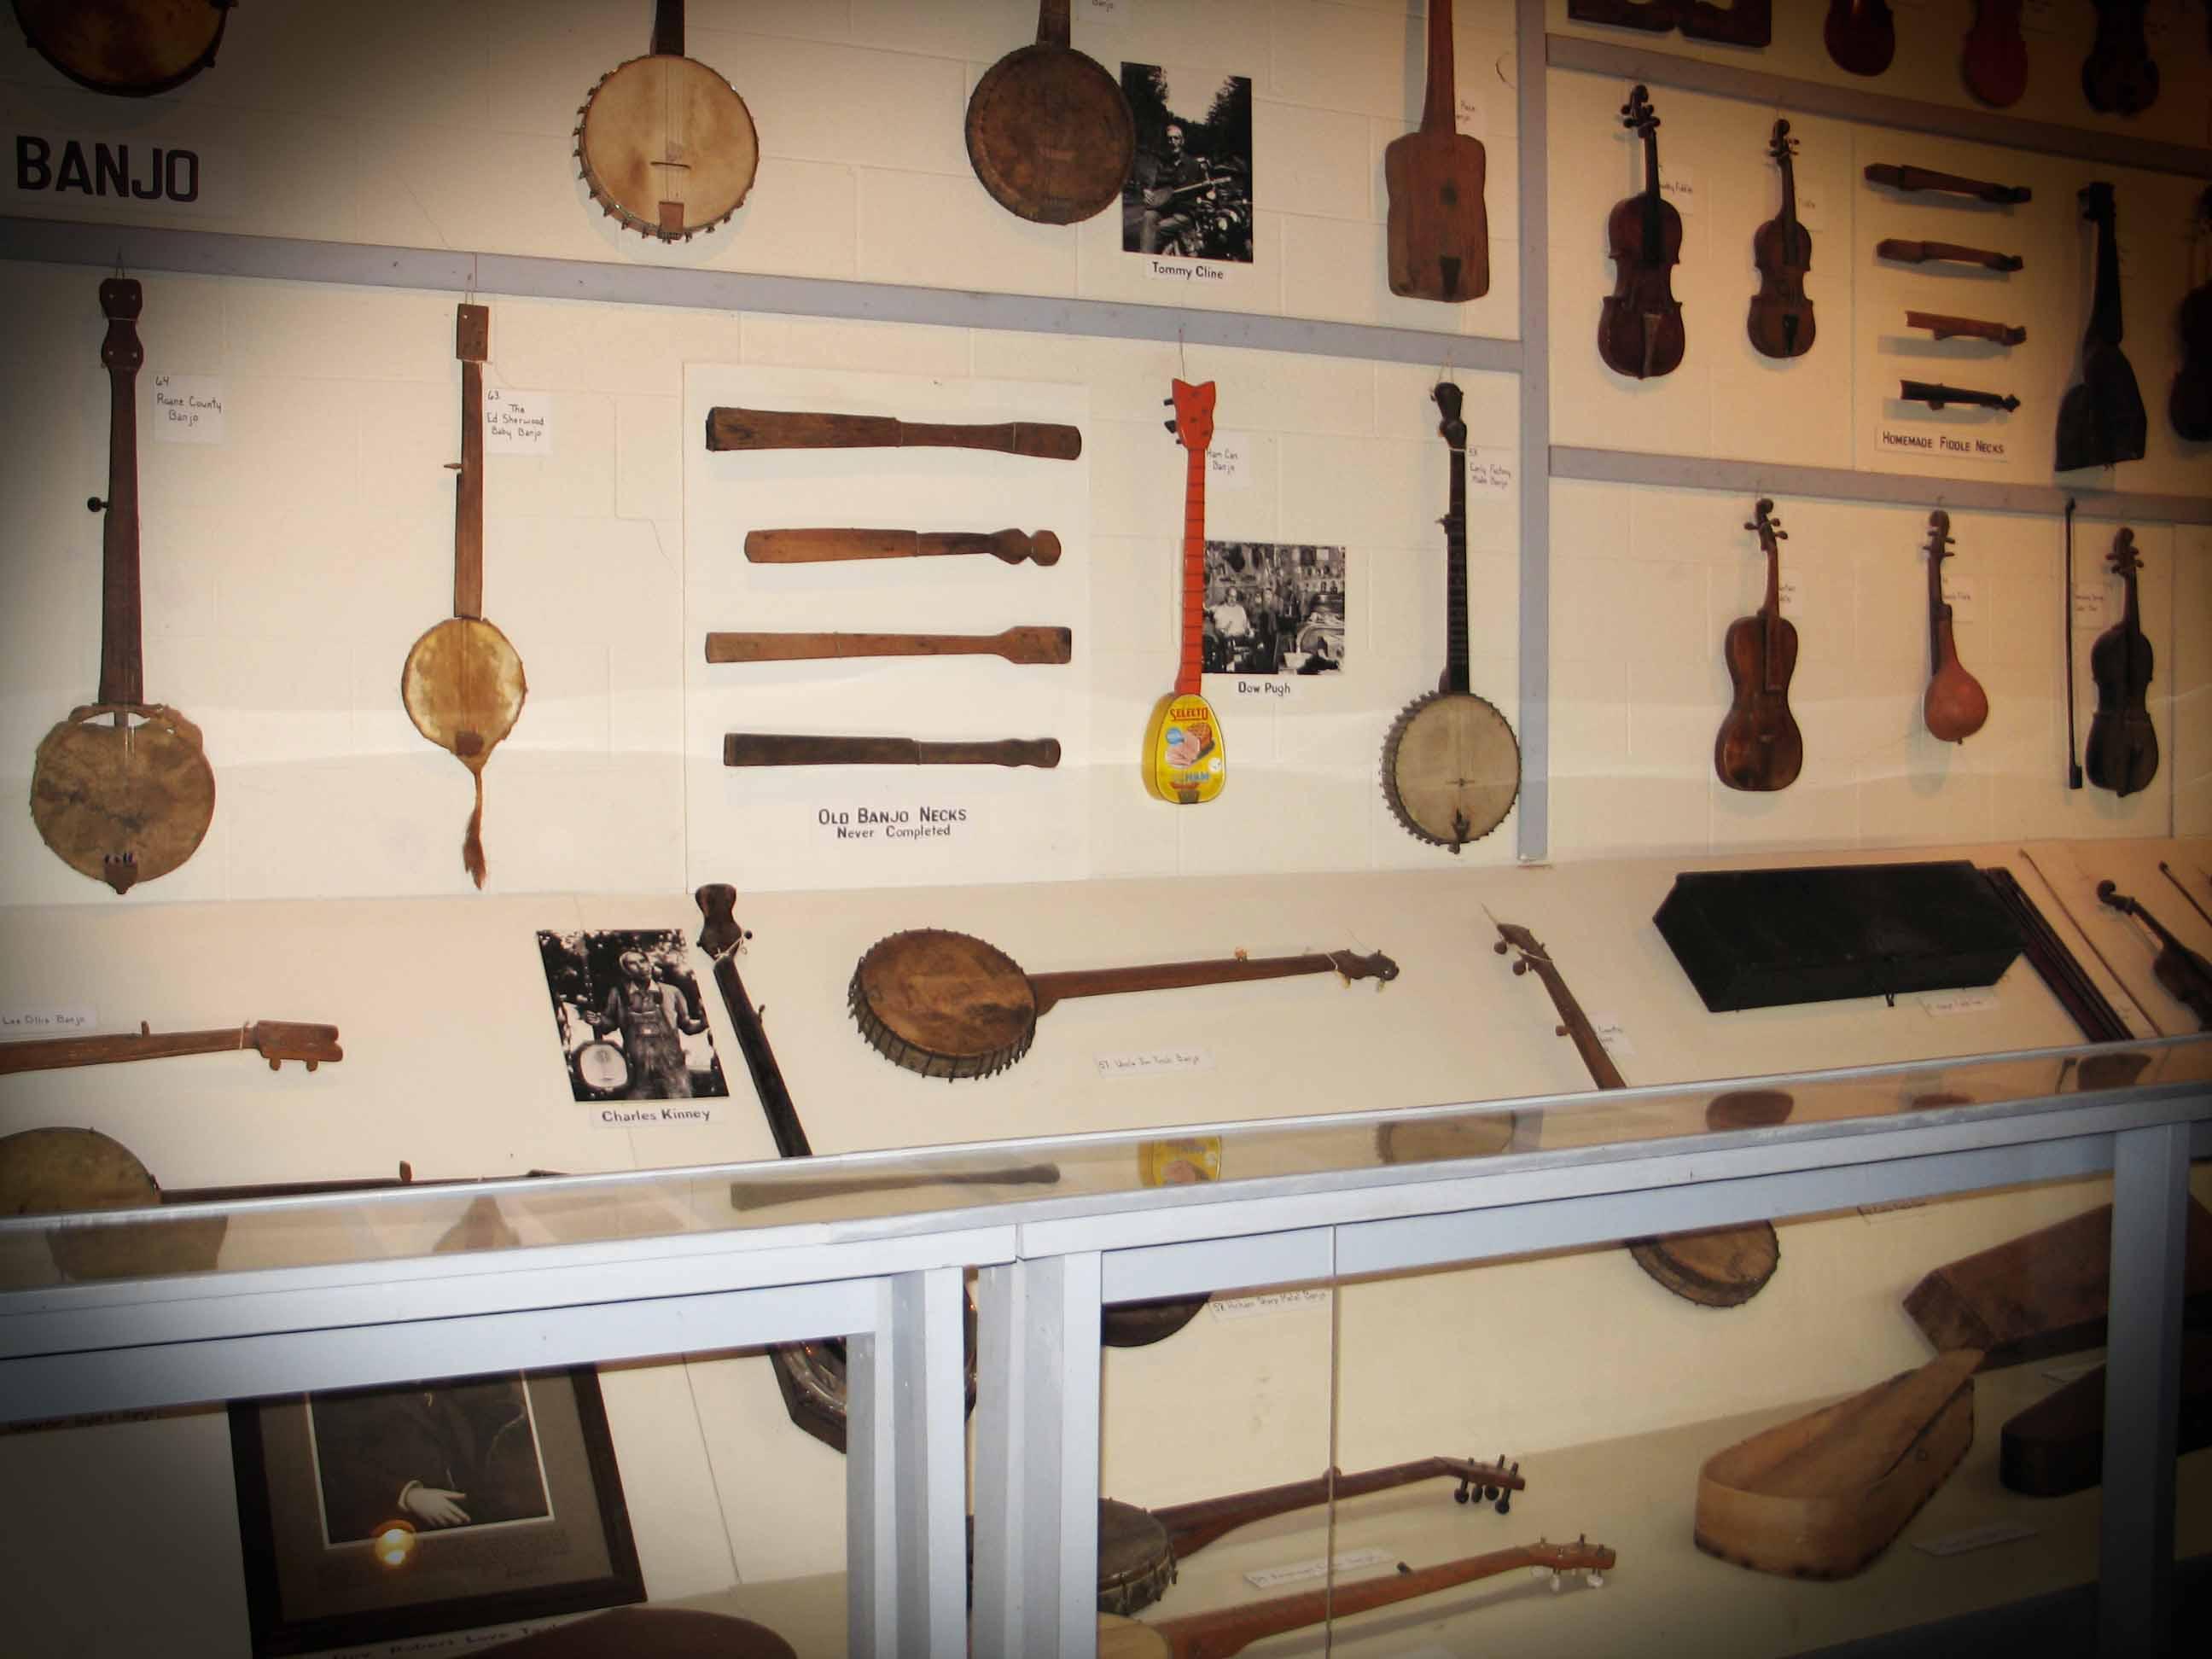 Banjo Wall